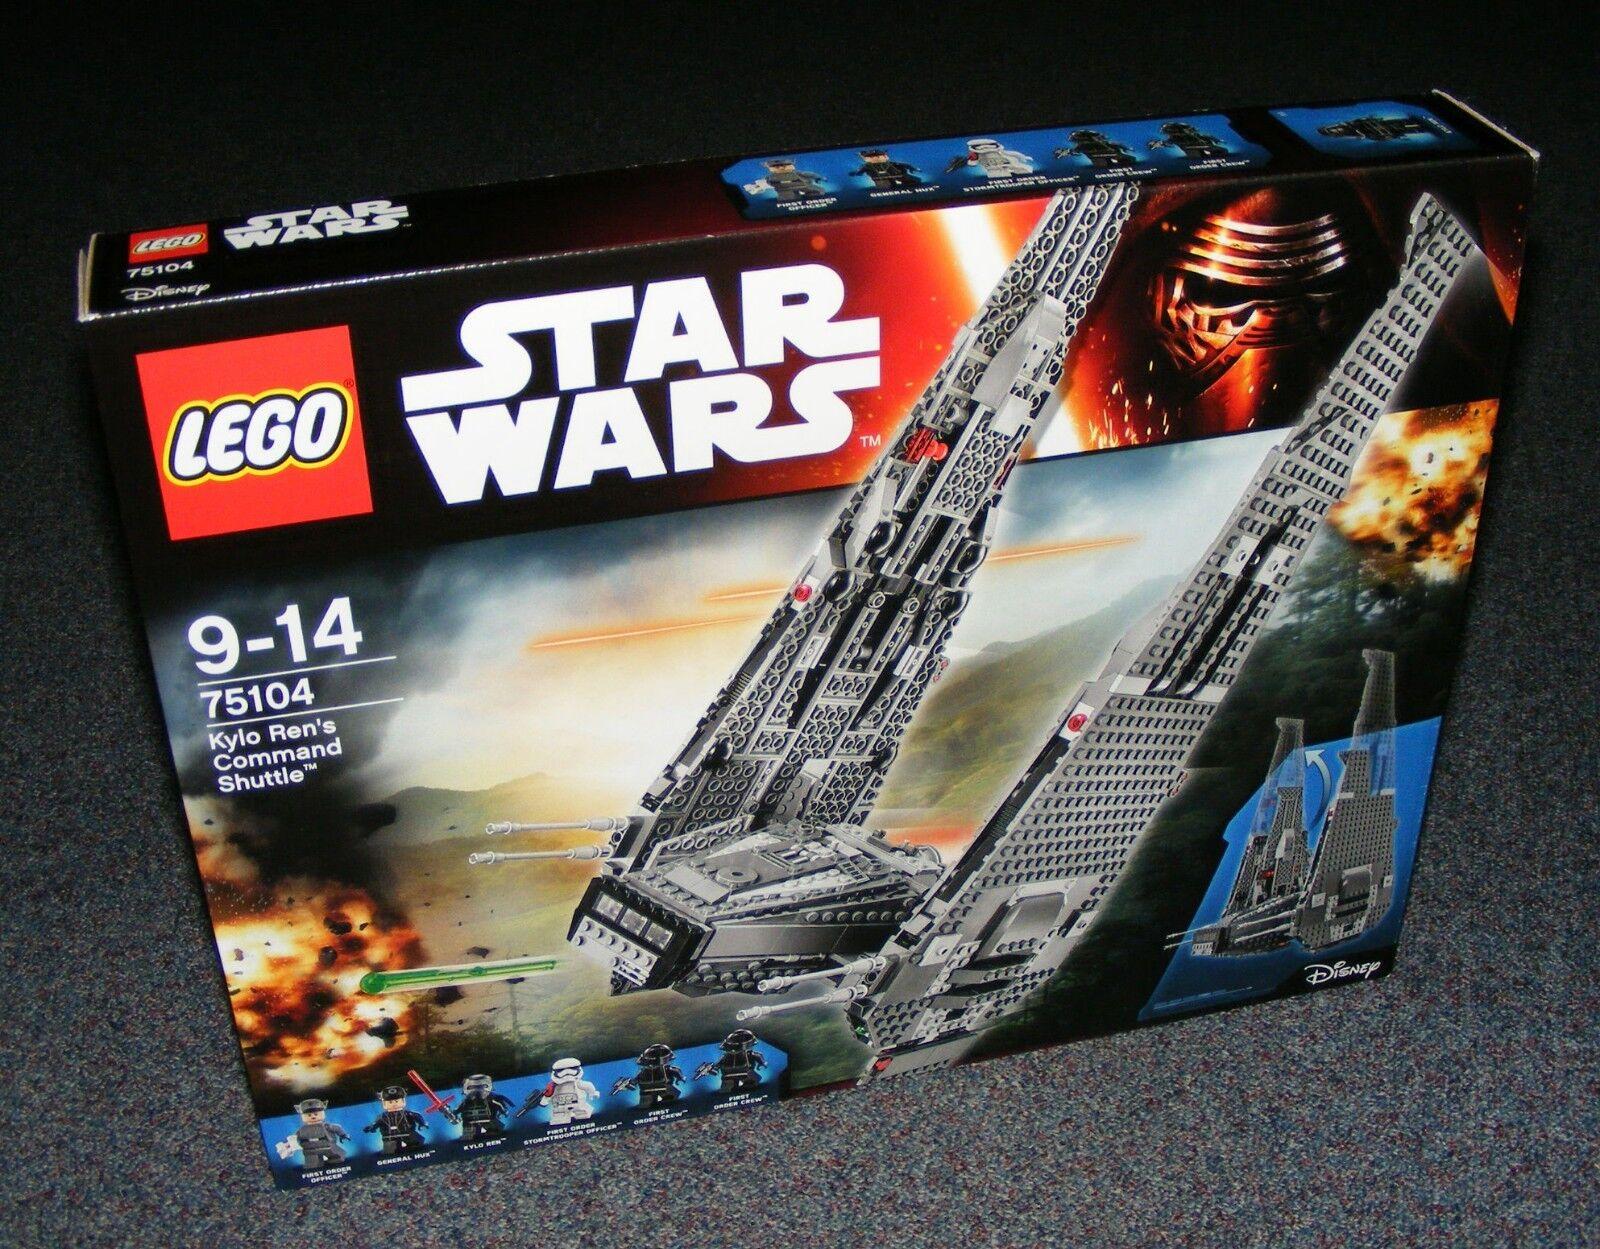 Estrella guerras LEGO  75104 kylo REN'S COuomoDO Shuttle Nuovo Con Scatola Nuovo Di Zecca Sigillato  lo stile classico